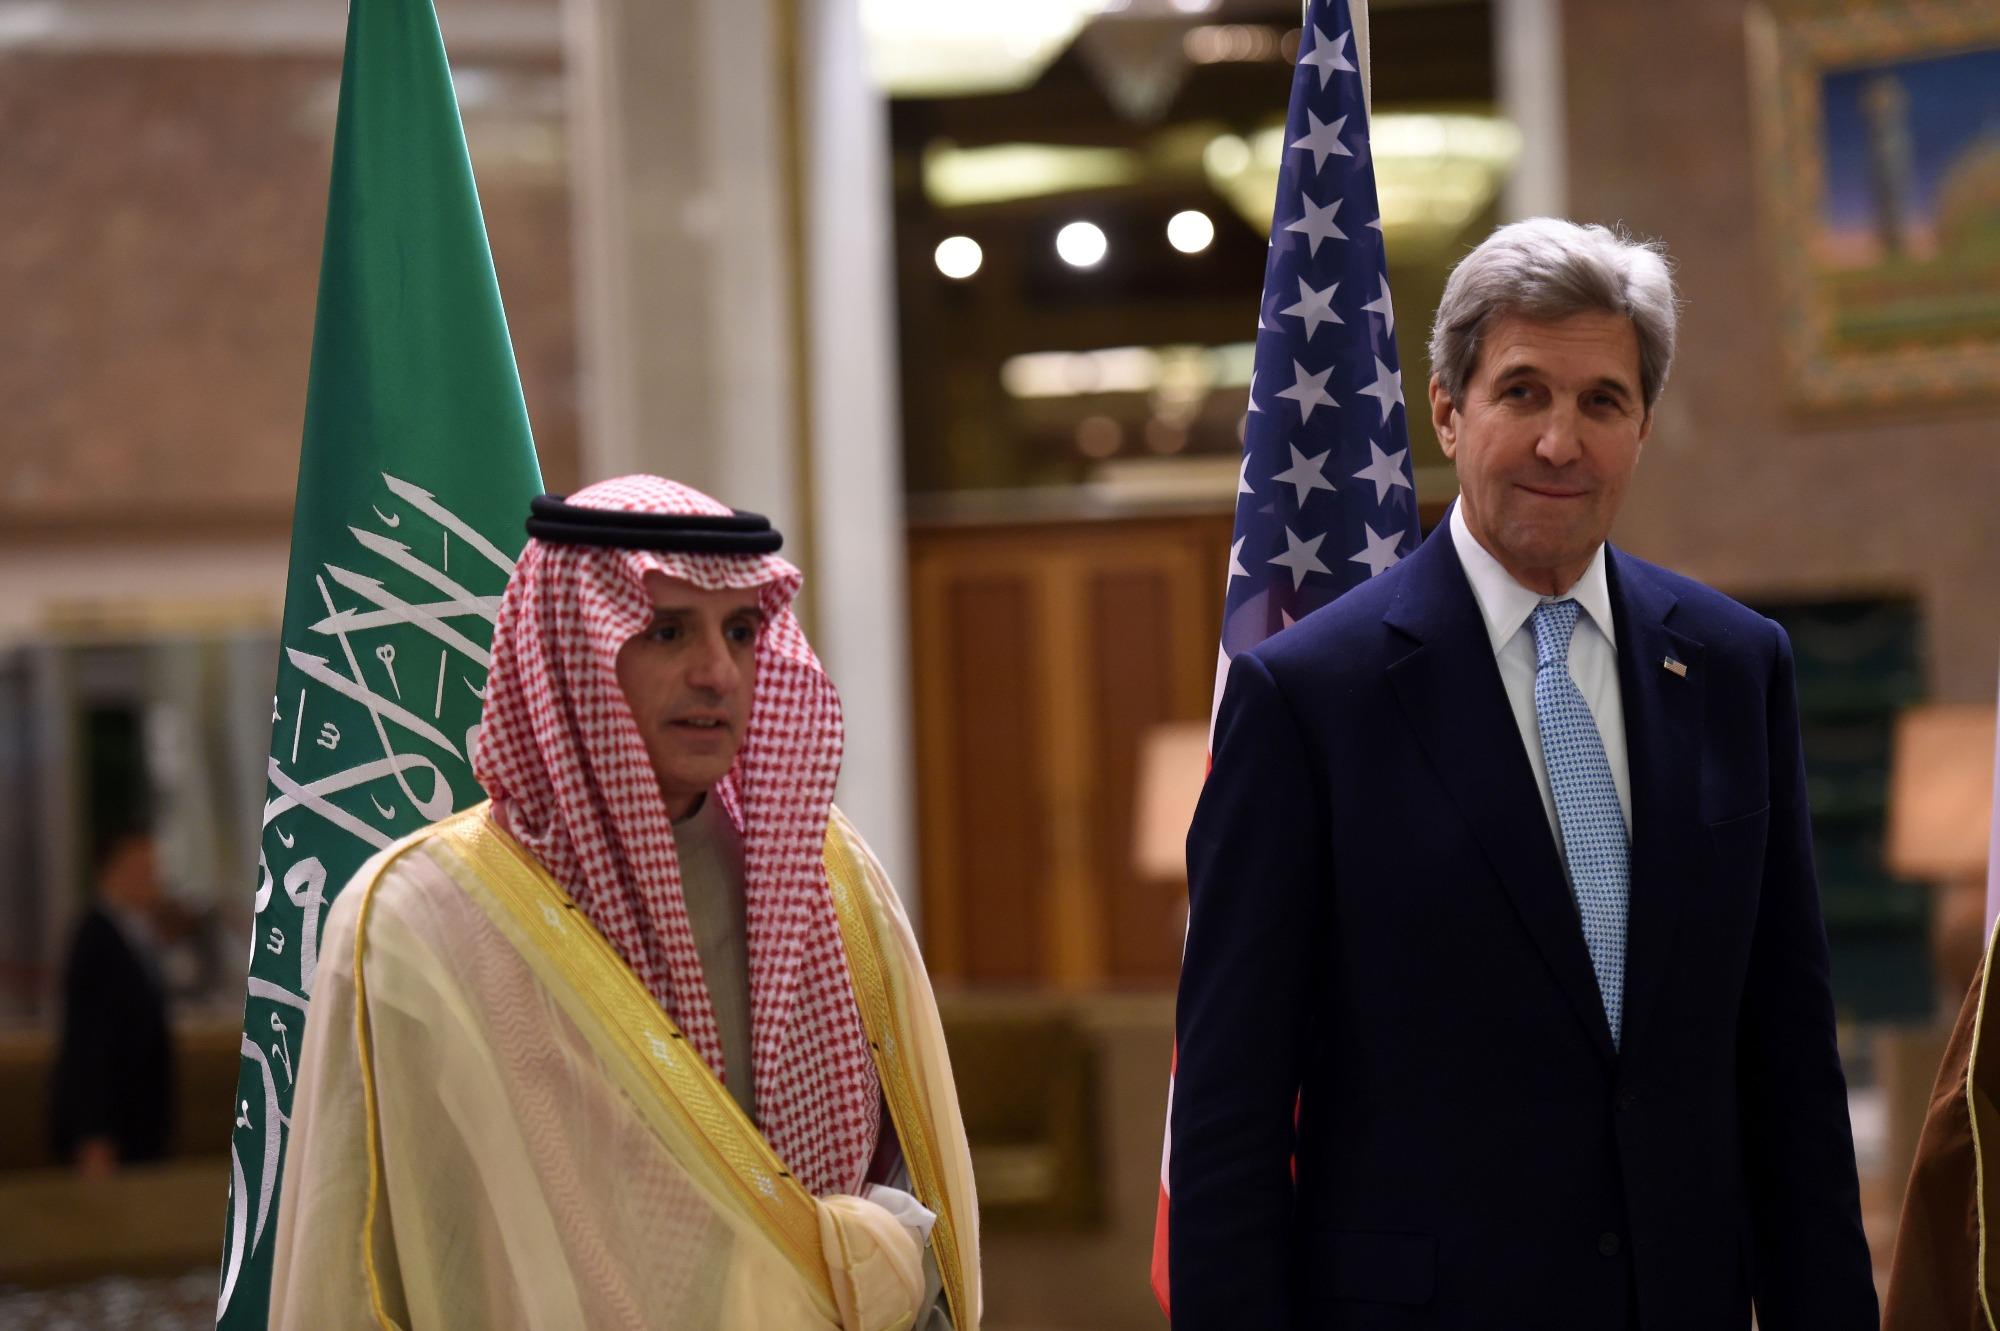 الجبير مع نظيره الأميركي خلال اجتماع اللجنة الرباعية حول اليمن في الرياض اليوم (أ ف ب)